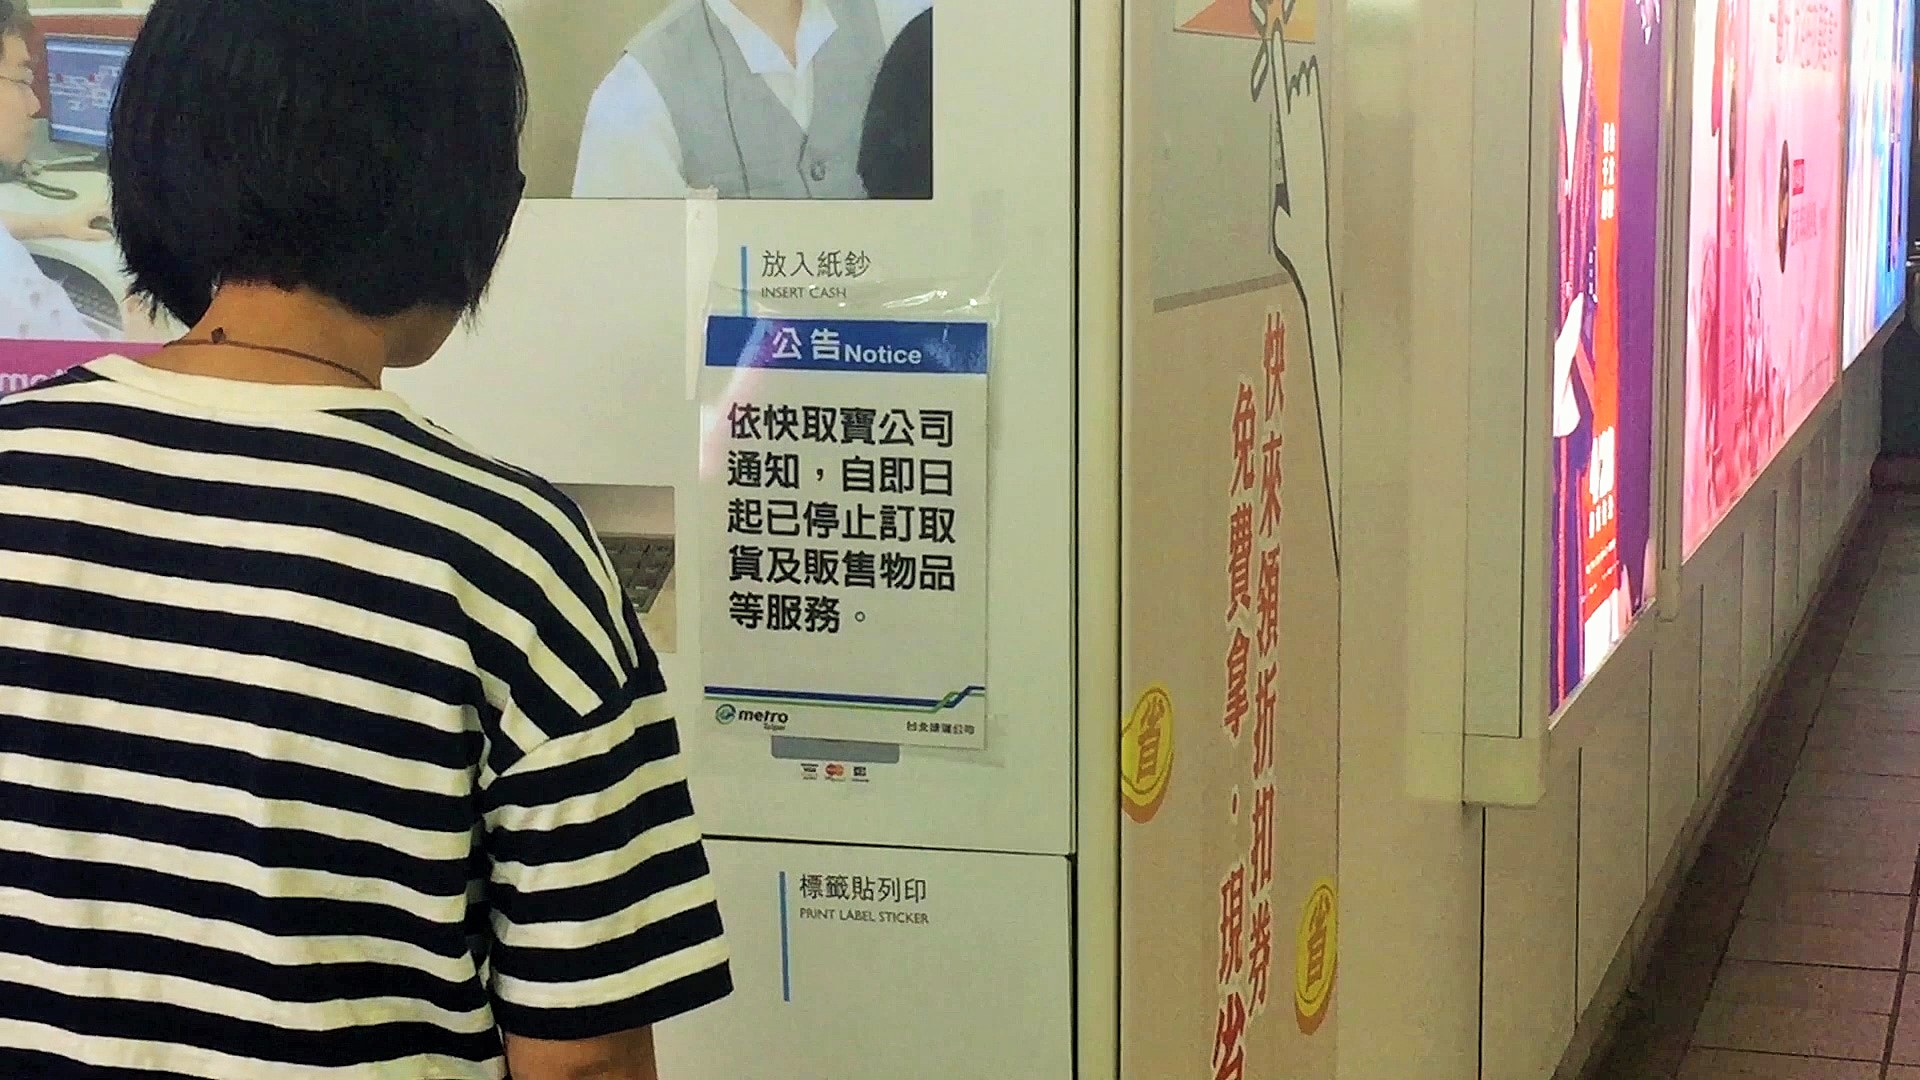 台北捷運於3 月 31 日宣布與快取寶終止合作契約。攝影/胡凡